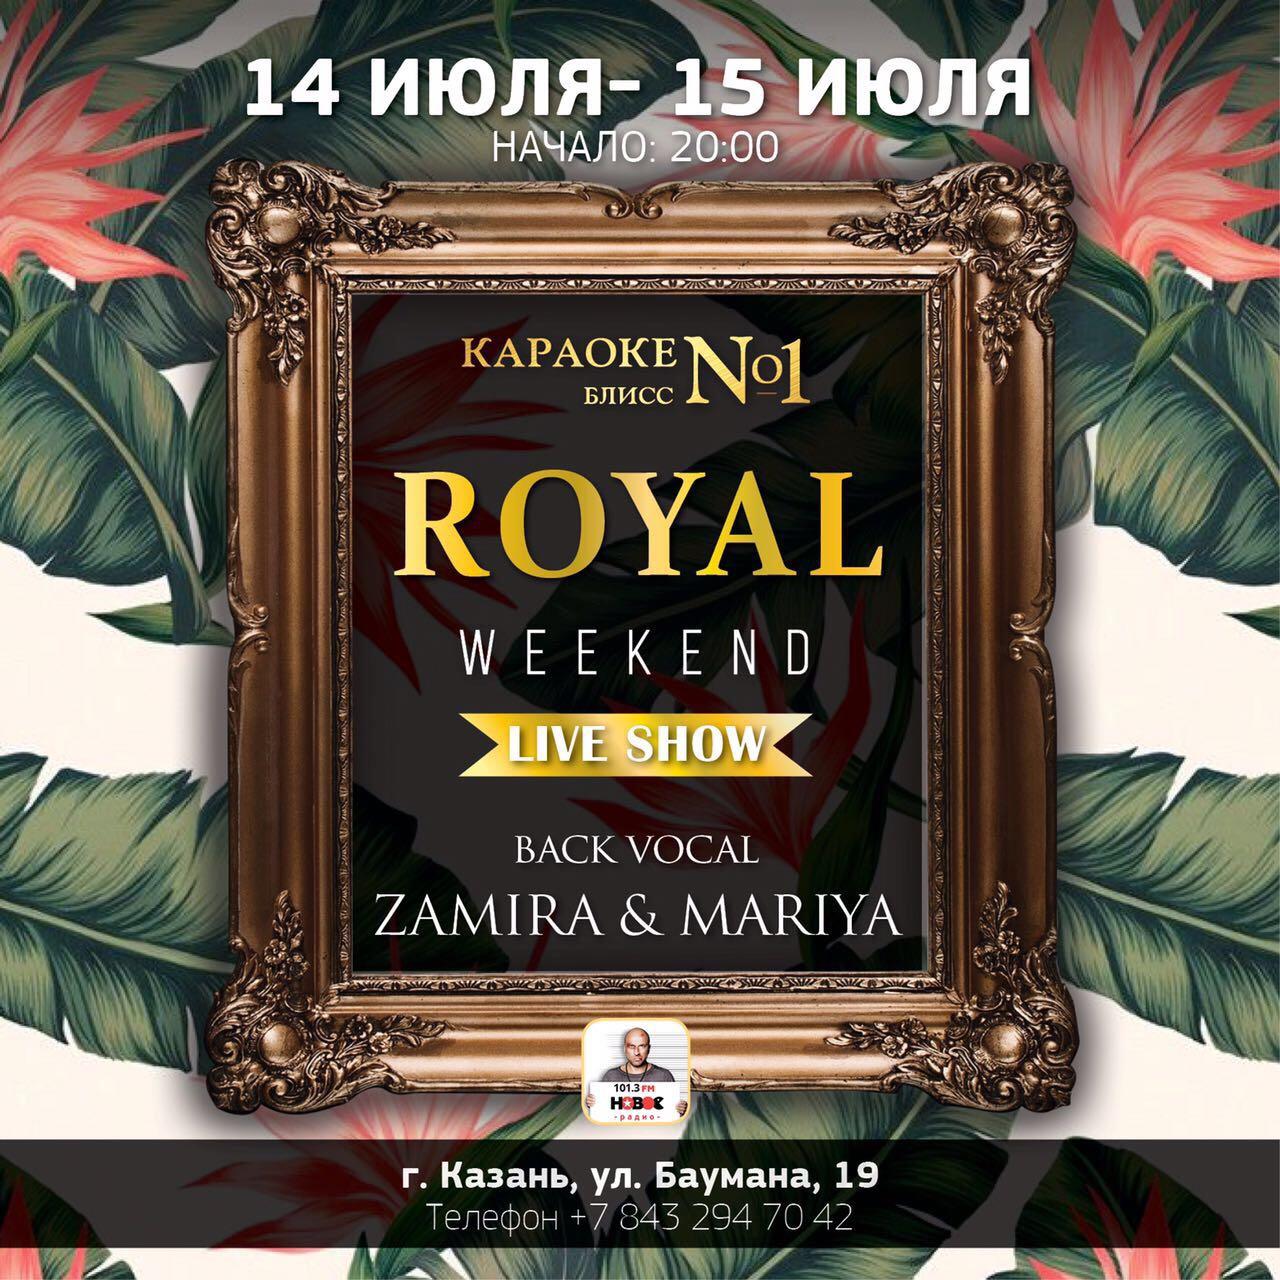 Royal weekend